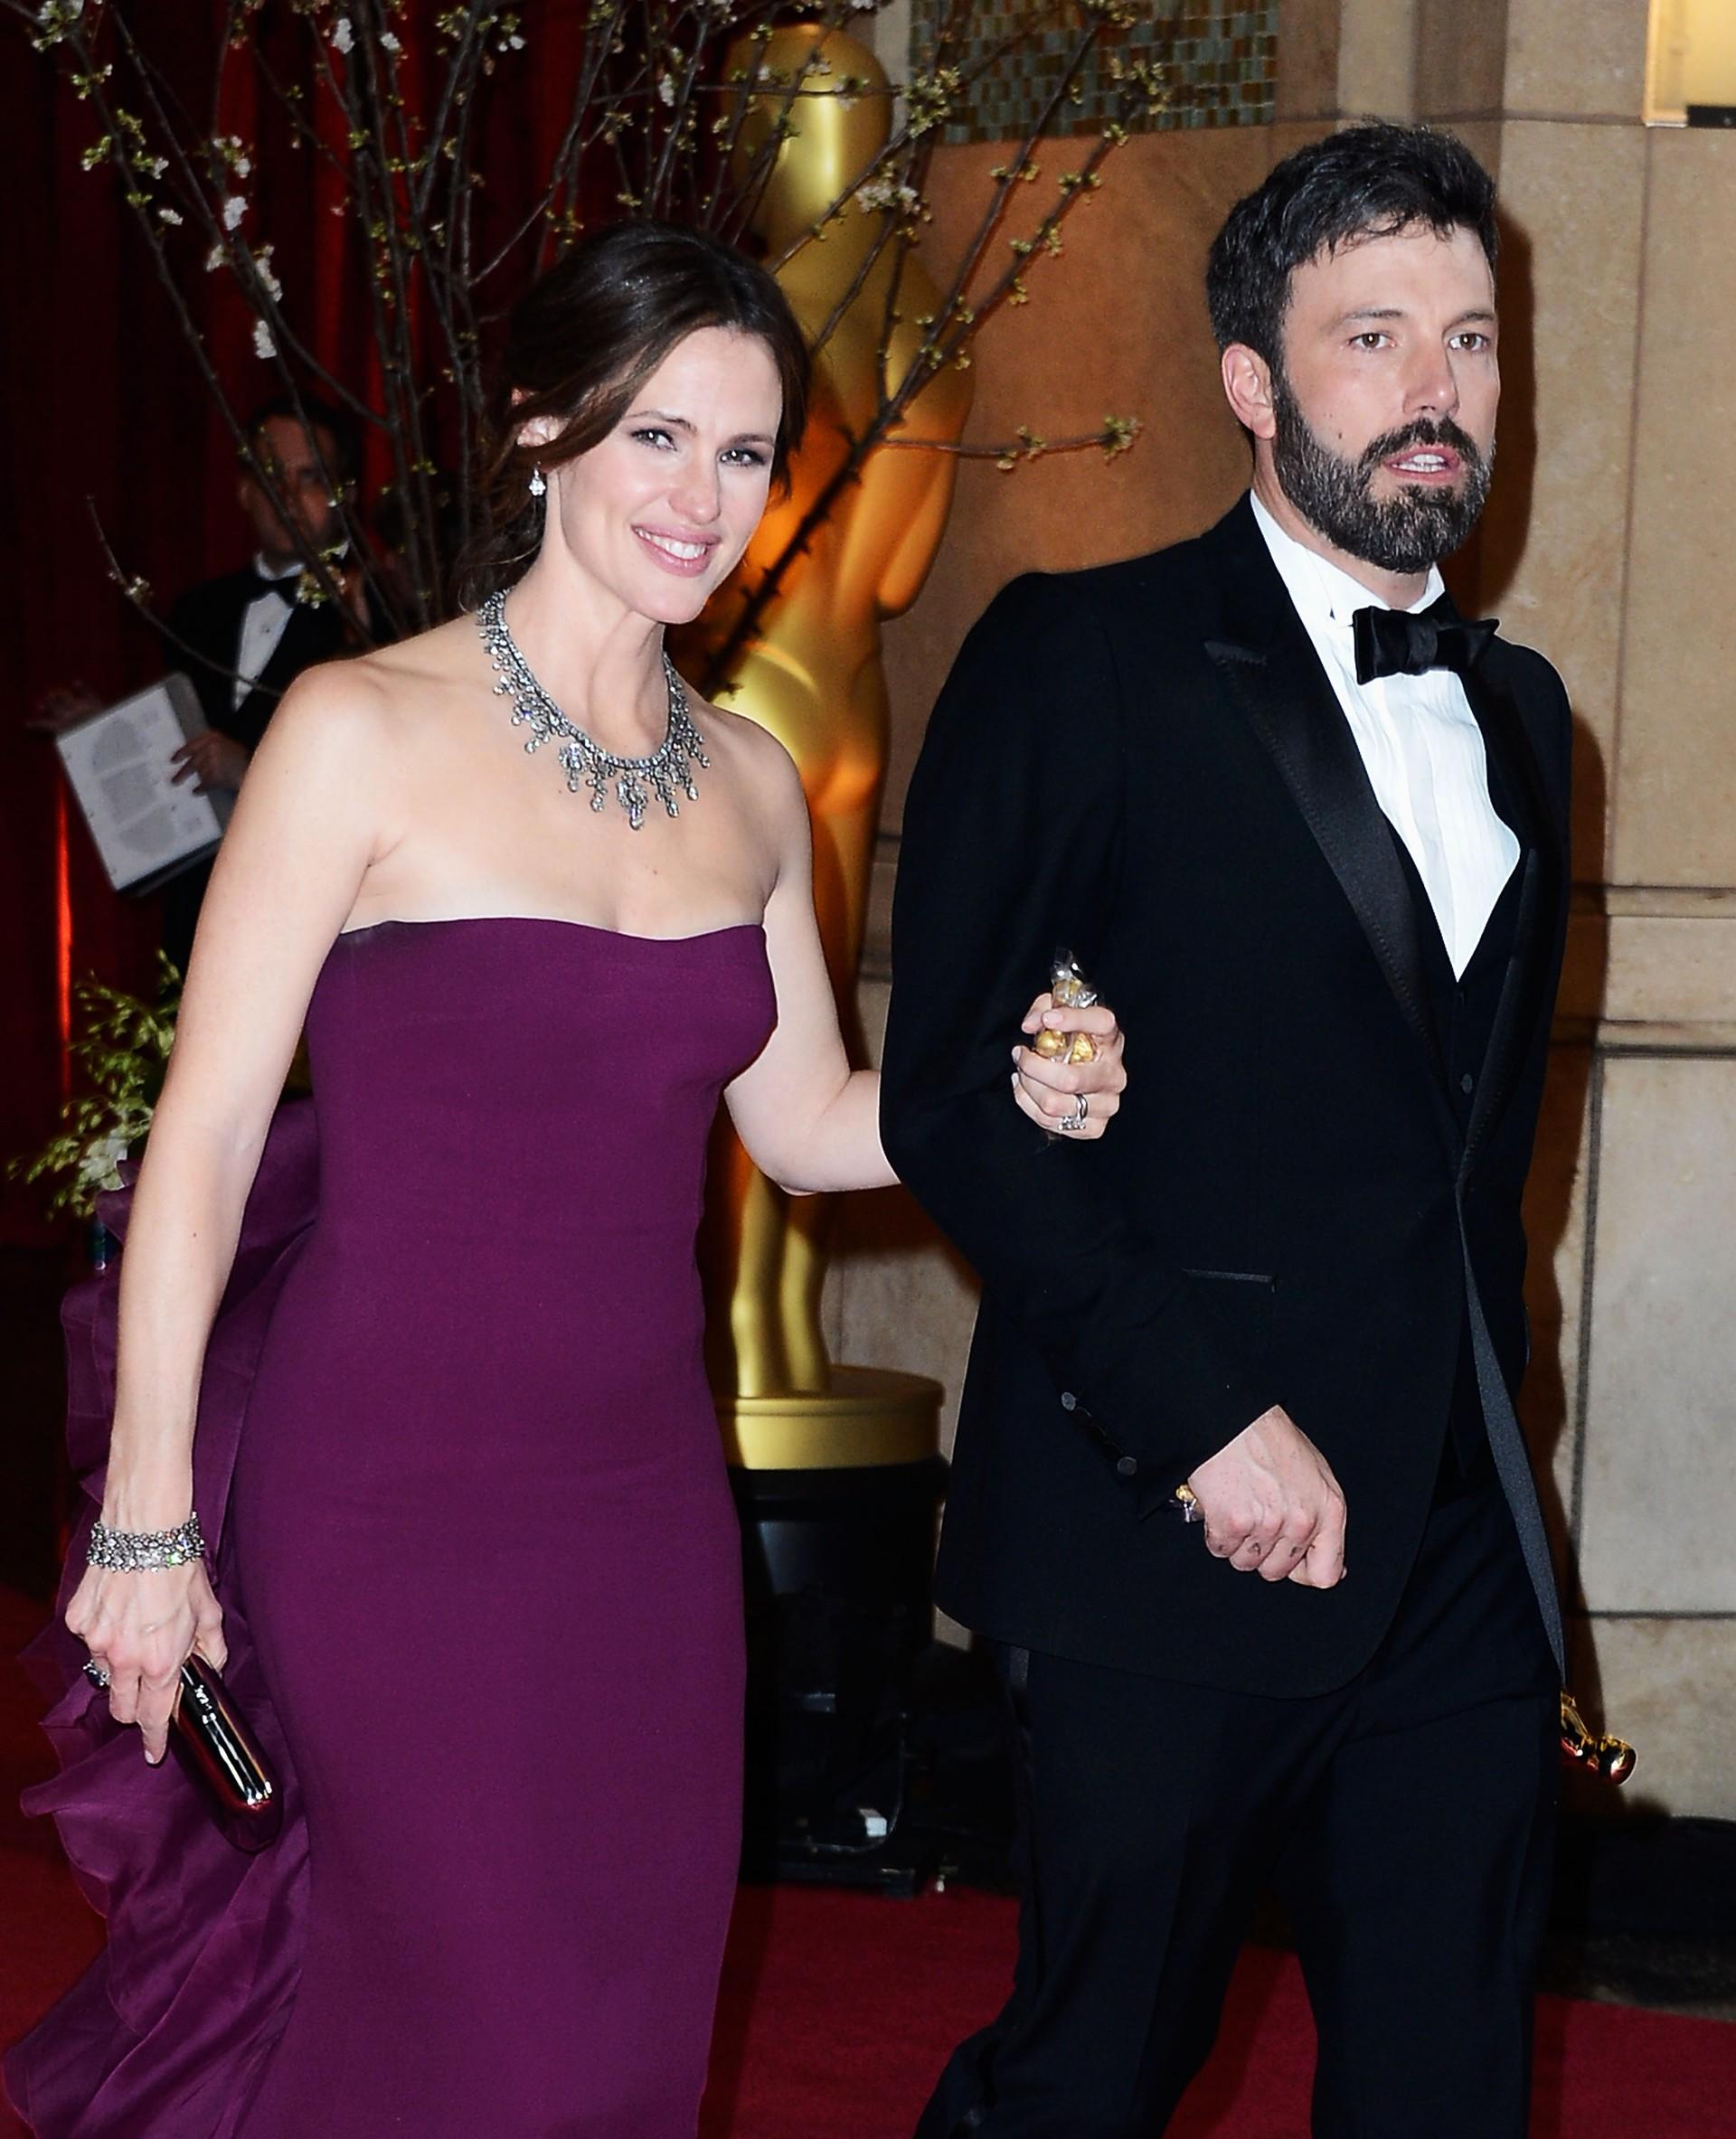 O diretor e astro de 'Argo' casou-se com Garner em Junho de 2005. Os dois têm três filhos. (Foto: Getty Images)